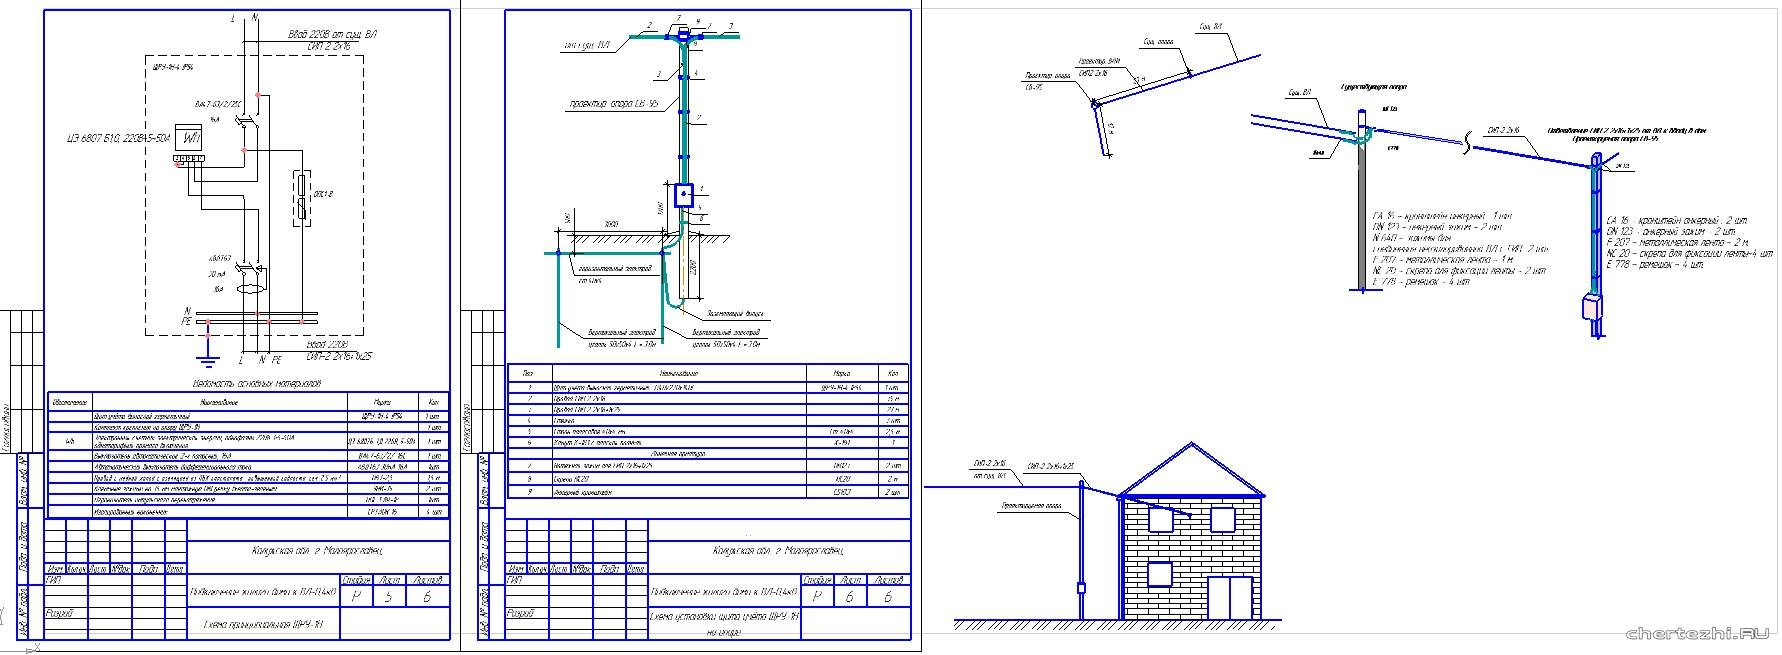 Электроснабжение строительной площадки. правила планирования и монтажа временной электросети на строительной площадке